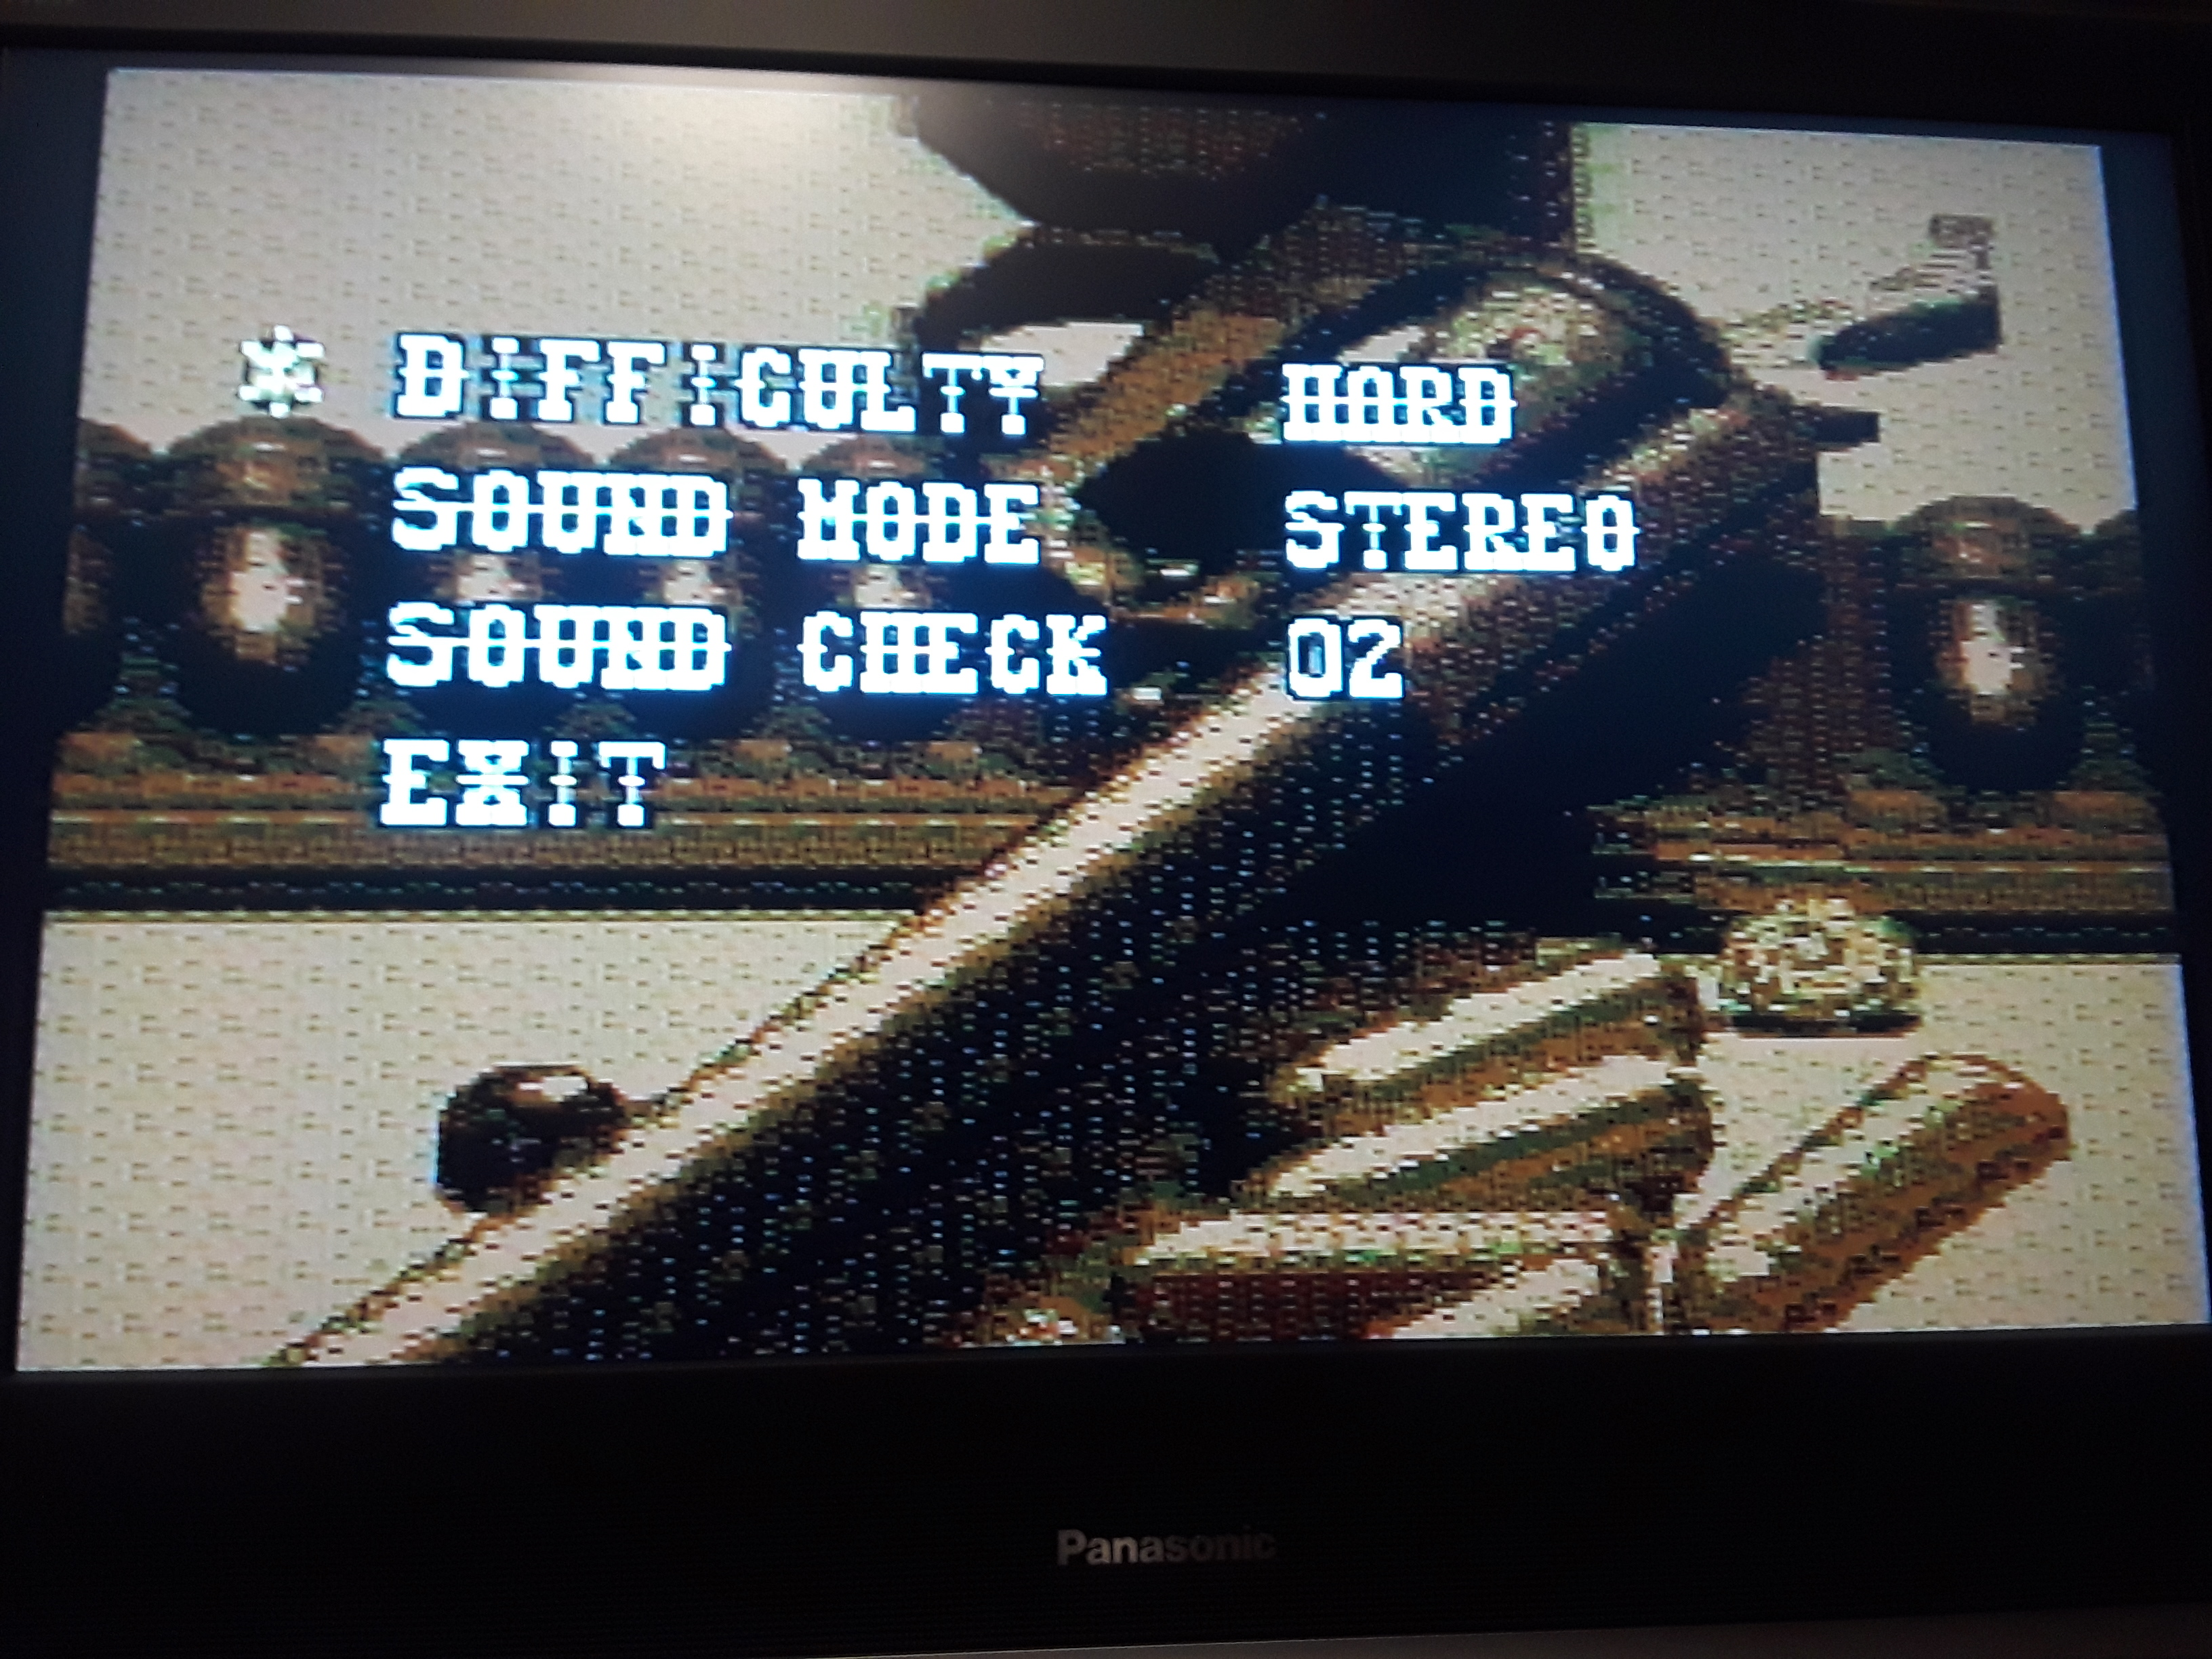 JML101582: Lethal Enforcers II: Gun Fighters [Hard] (Sega Genesis / MegaDrive Emulated) 218 points on 2019-02-23 20:06:03